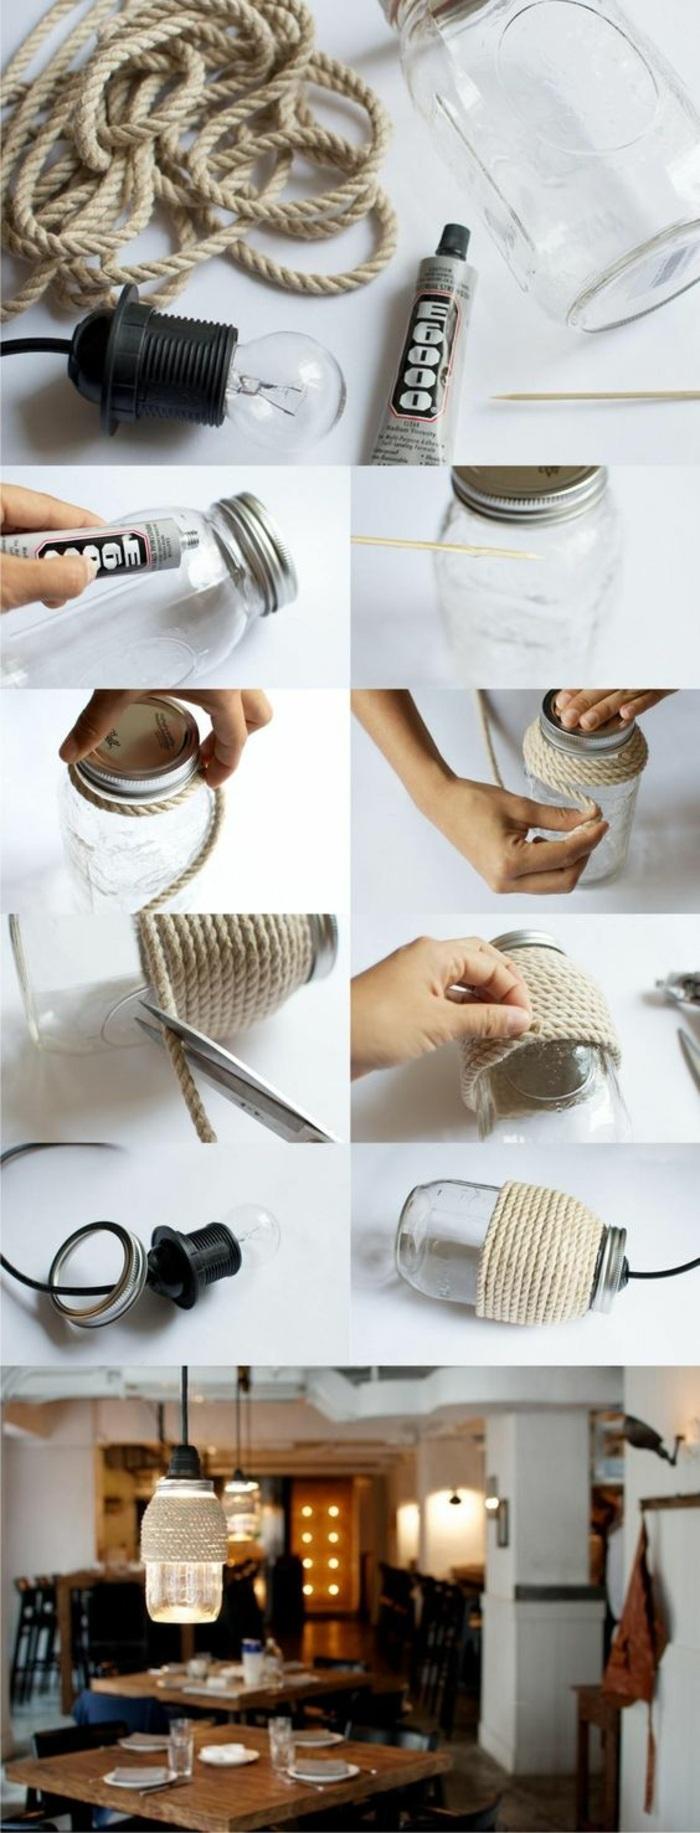 lampenschirm selber machen aus einmachglas dekoriert mit seil, küche, lampe